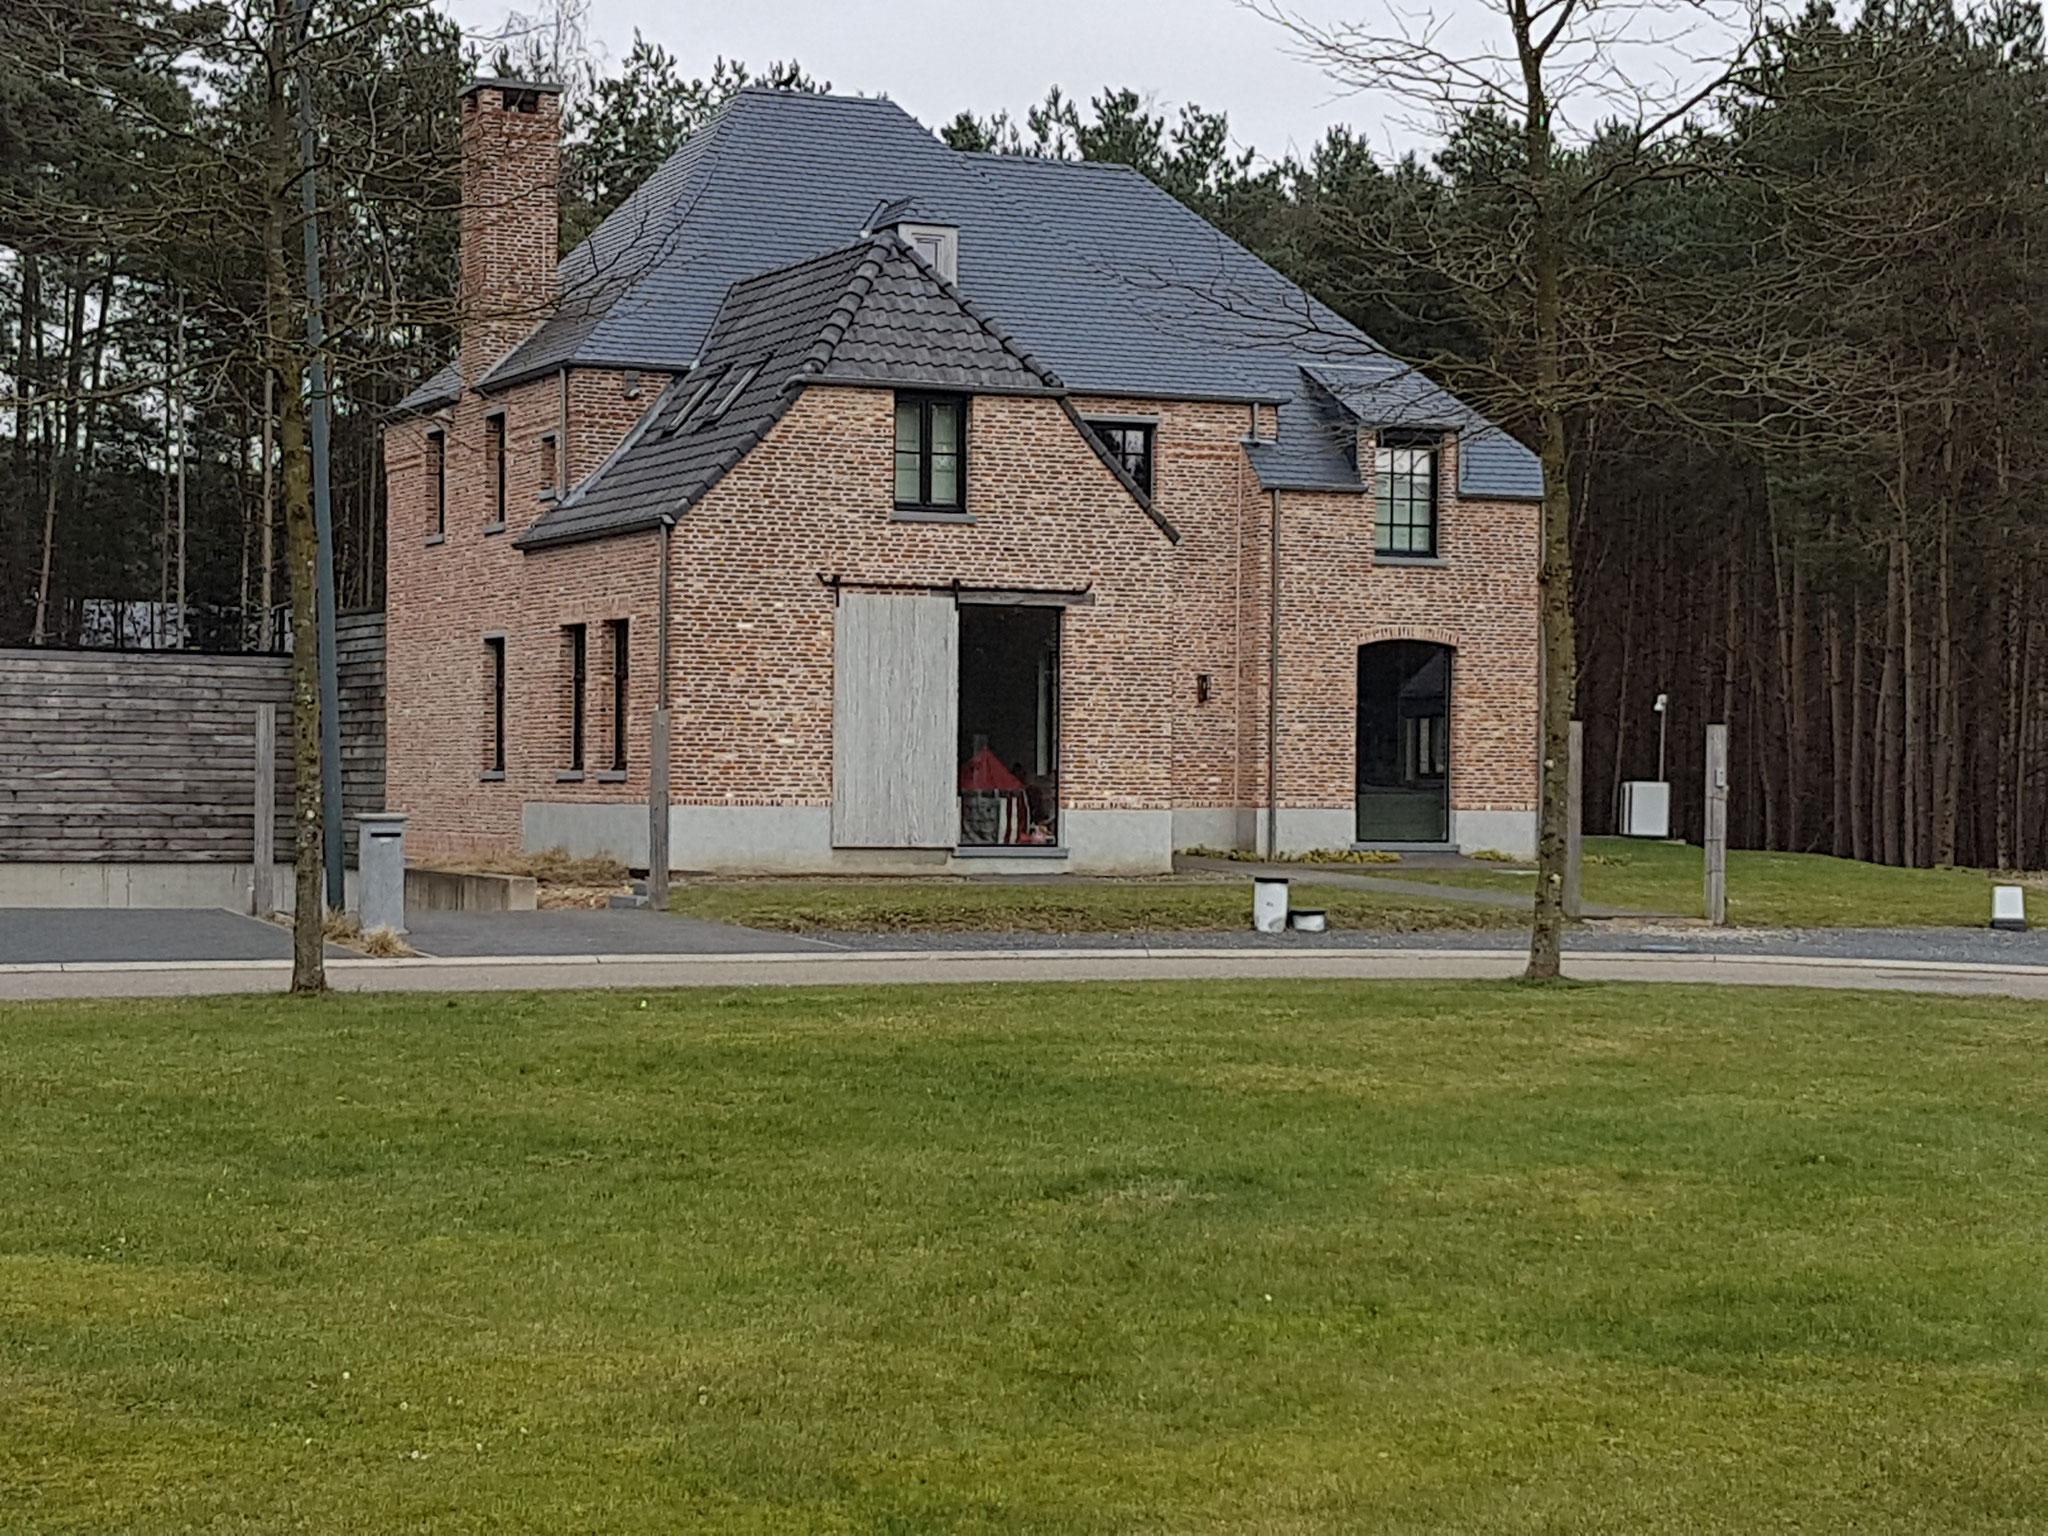 Opstelling buitenunit Vaillant aroCOLLECT  VWL zonder afbreuk te doen aan het uitzicht van de woning